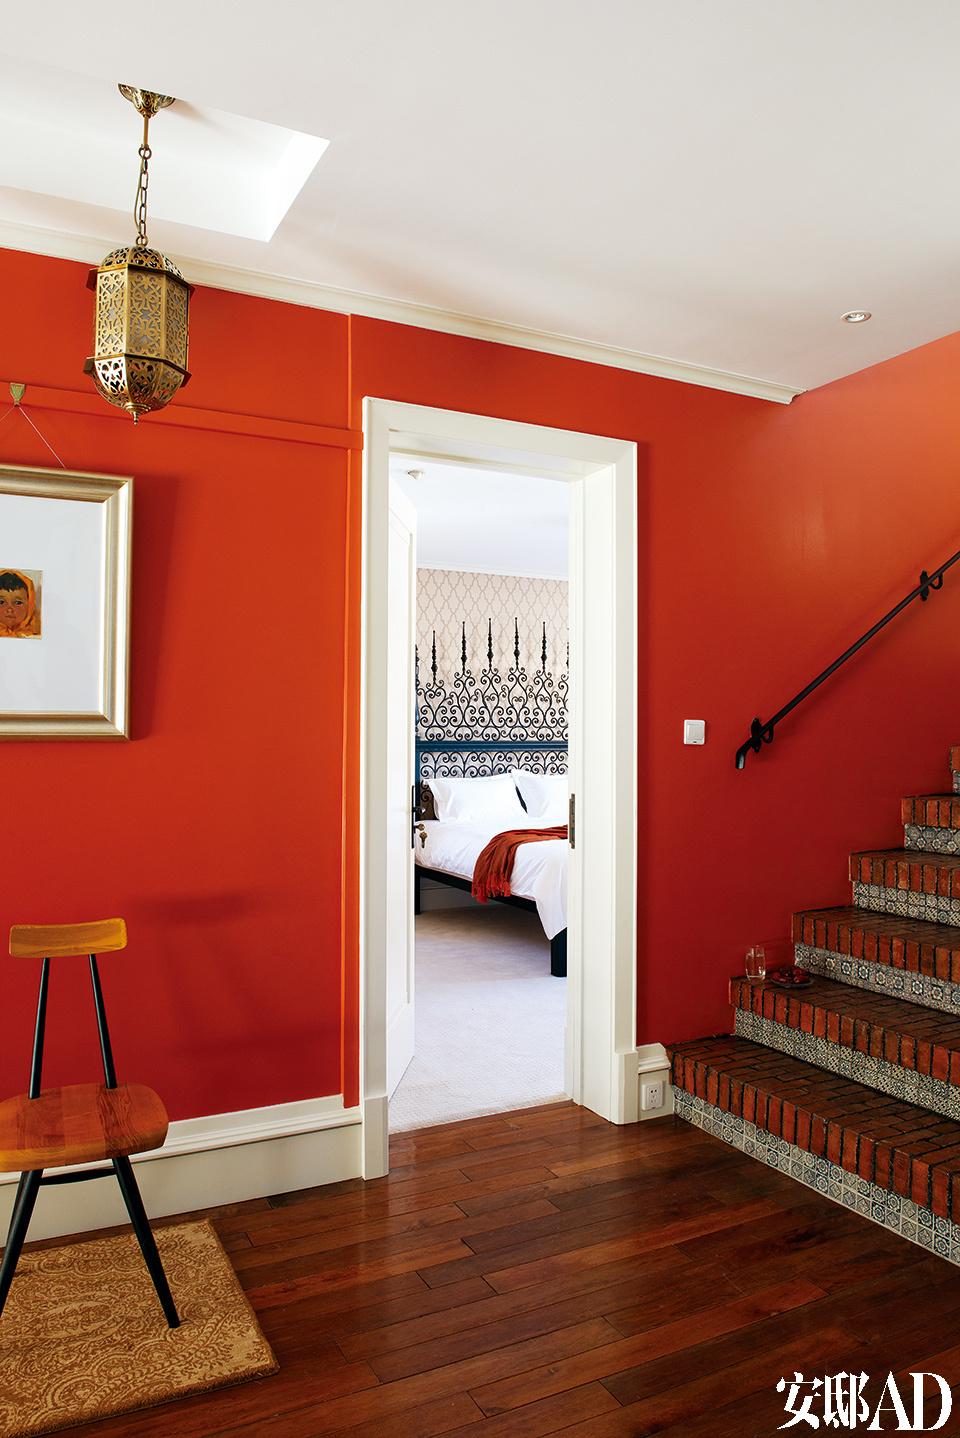 二楼的公共空间延续了温暖的色彩,砖红色墙漆与一层的地面砖相呼应。